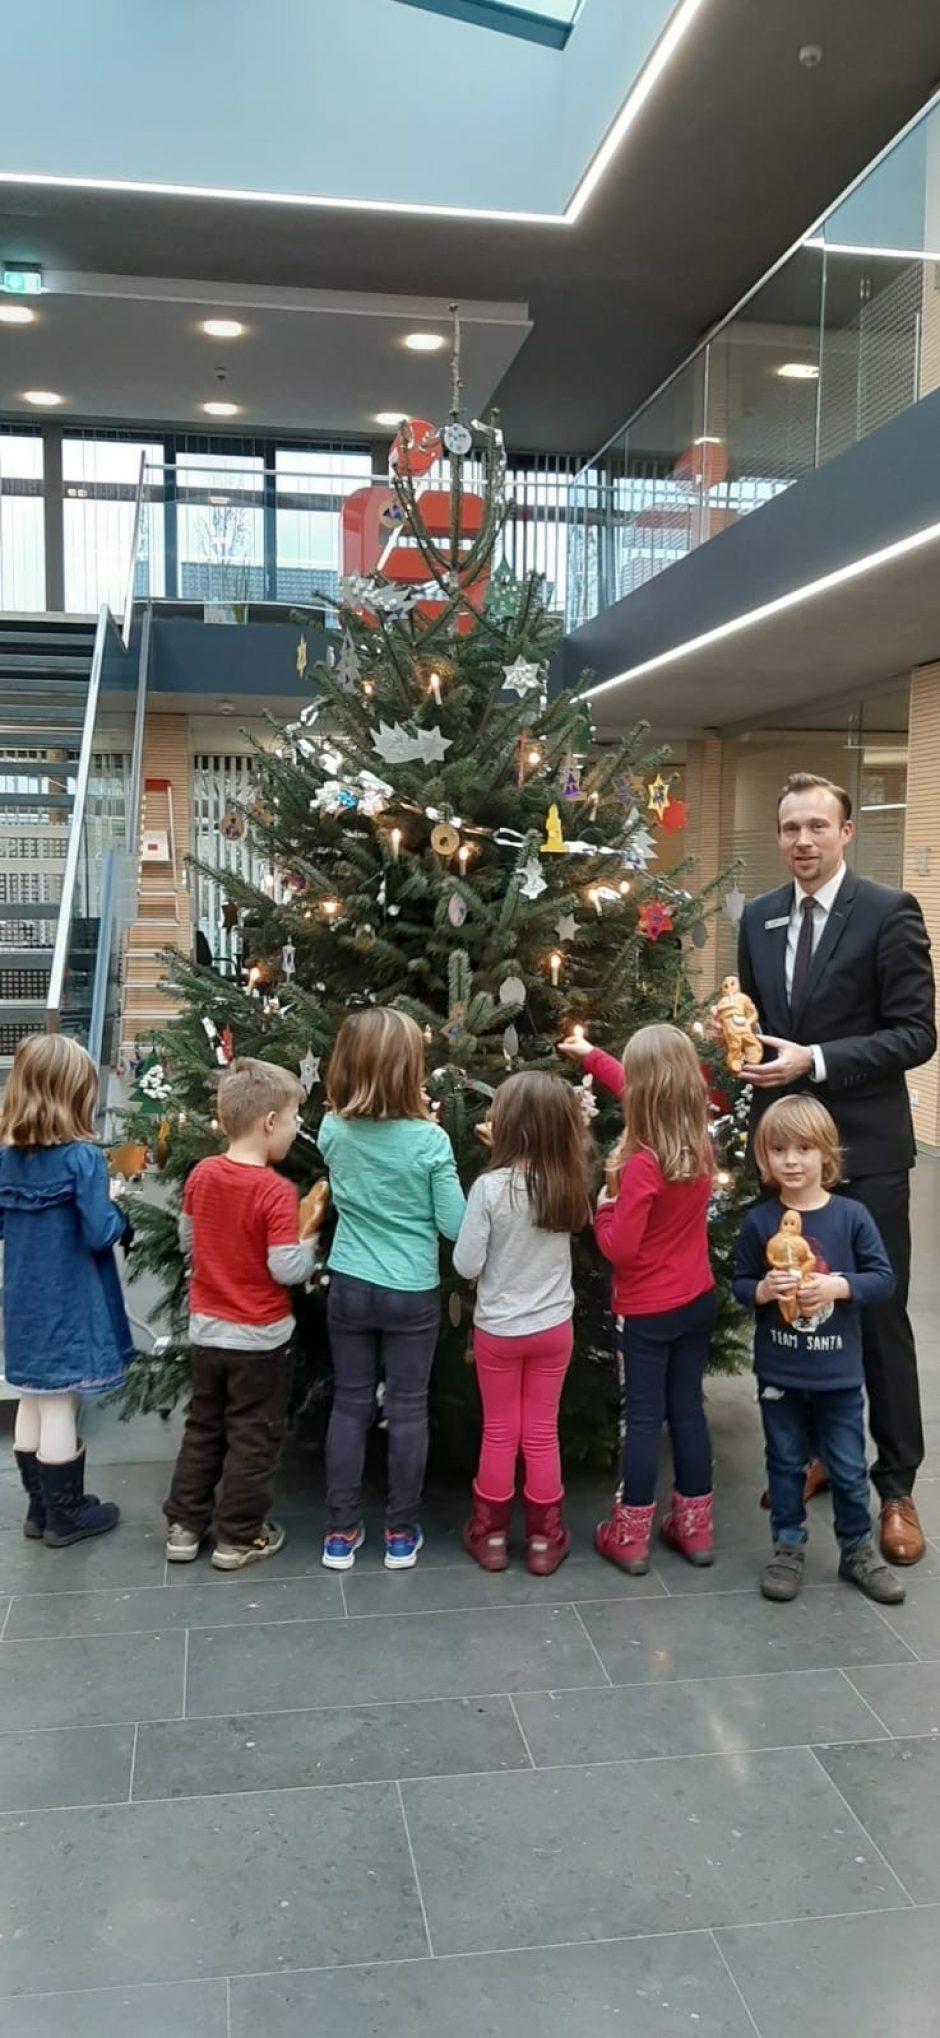 Eine schöne Tradition: Kinder schmücken Weihnachtsbäume in den Sparkassen-Geschäftsstellen